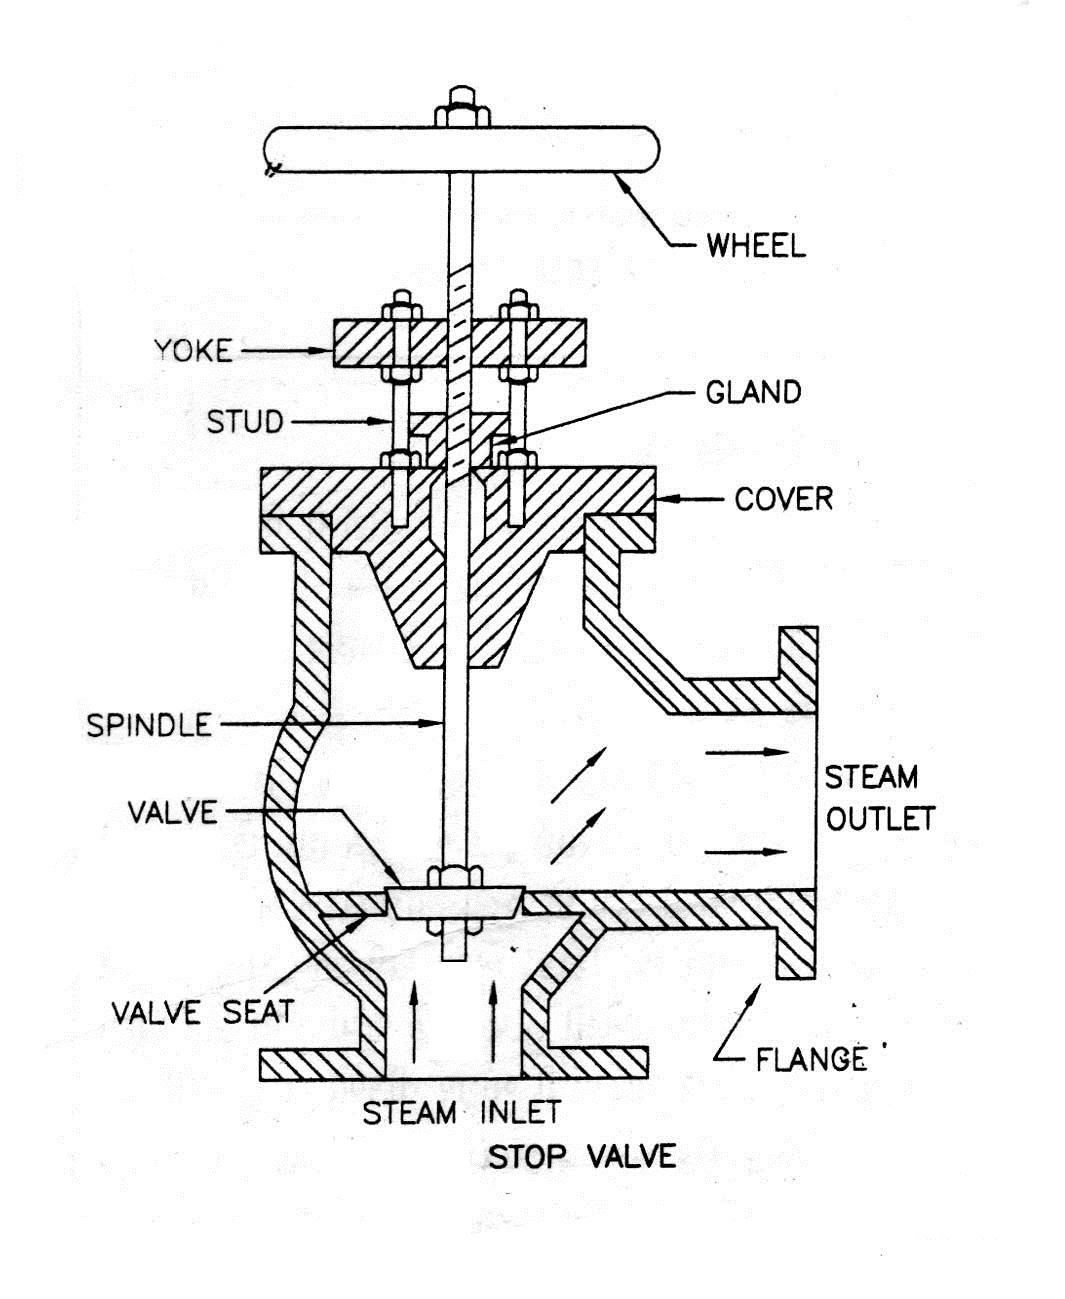 hight resolution of steam boiler non return valve